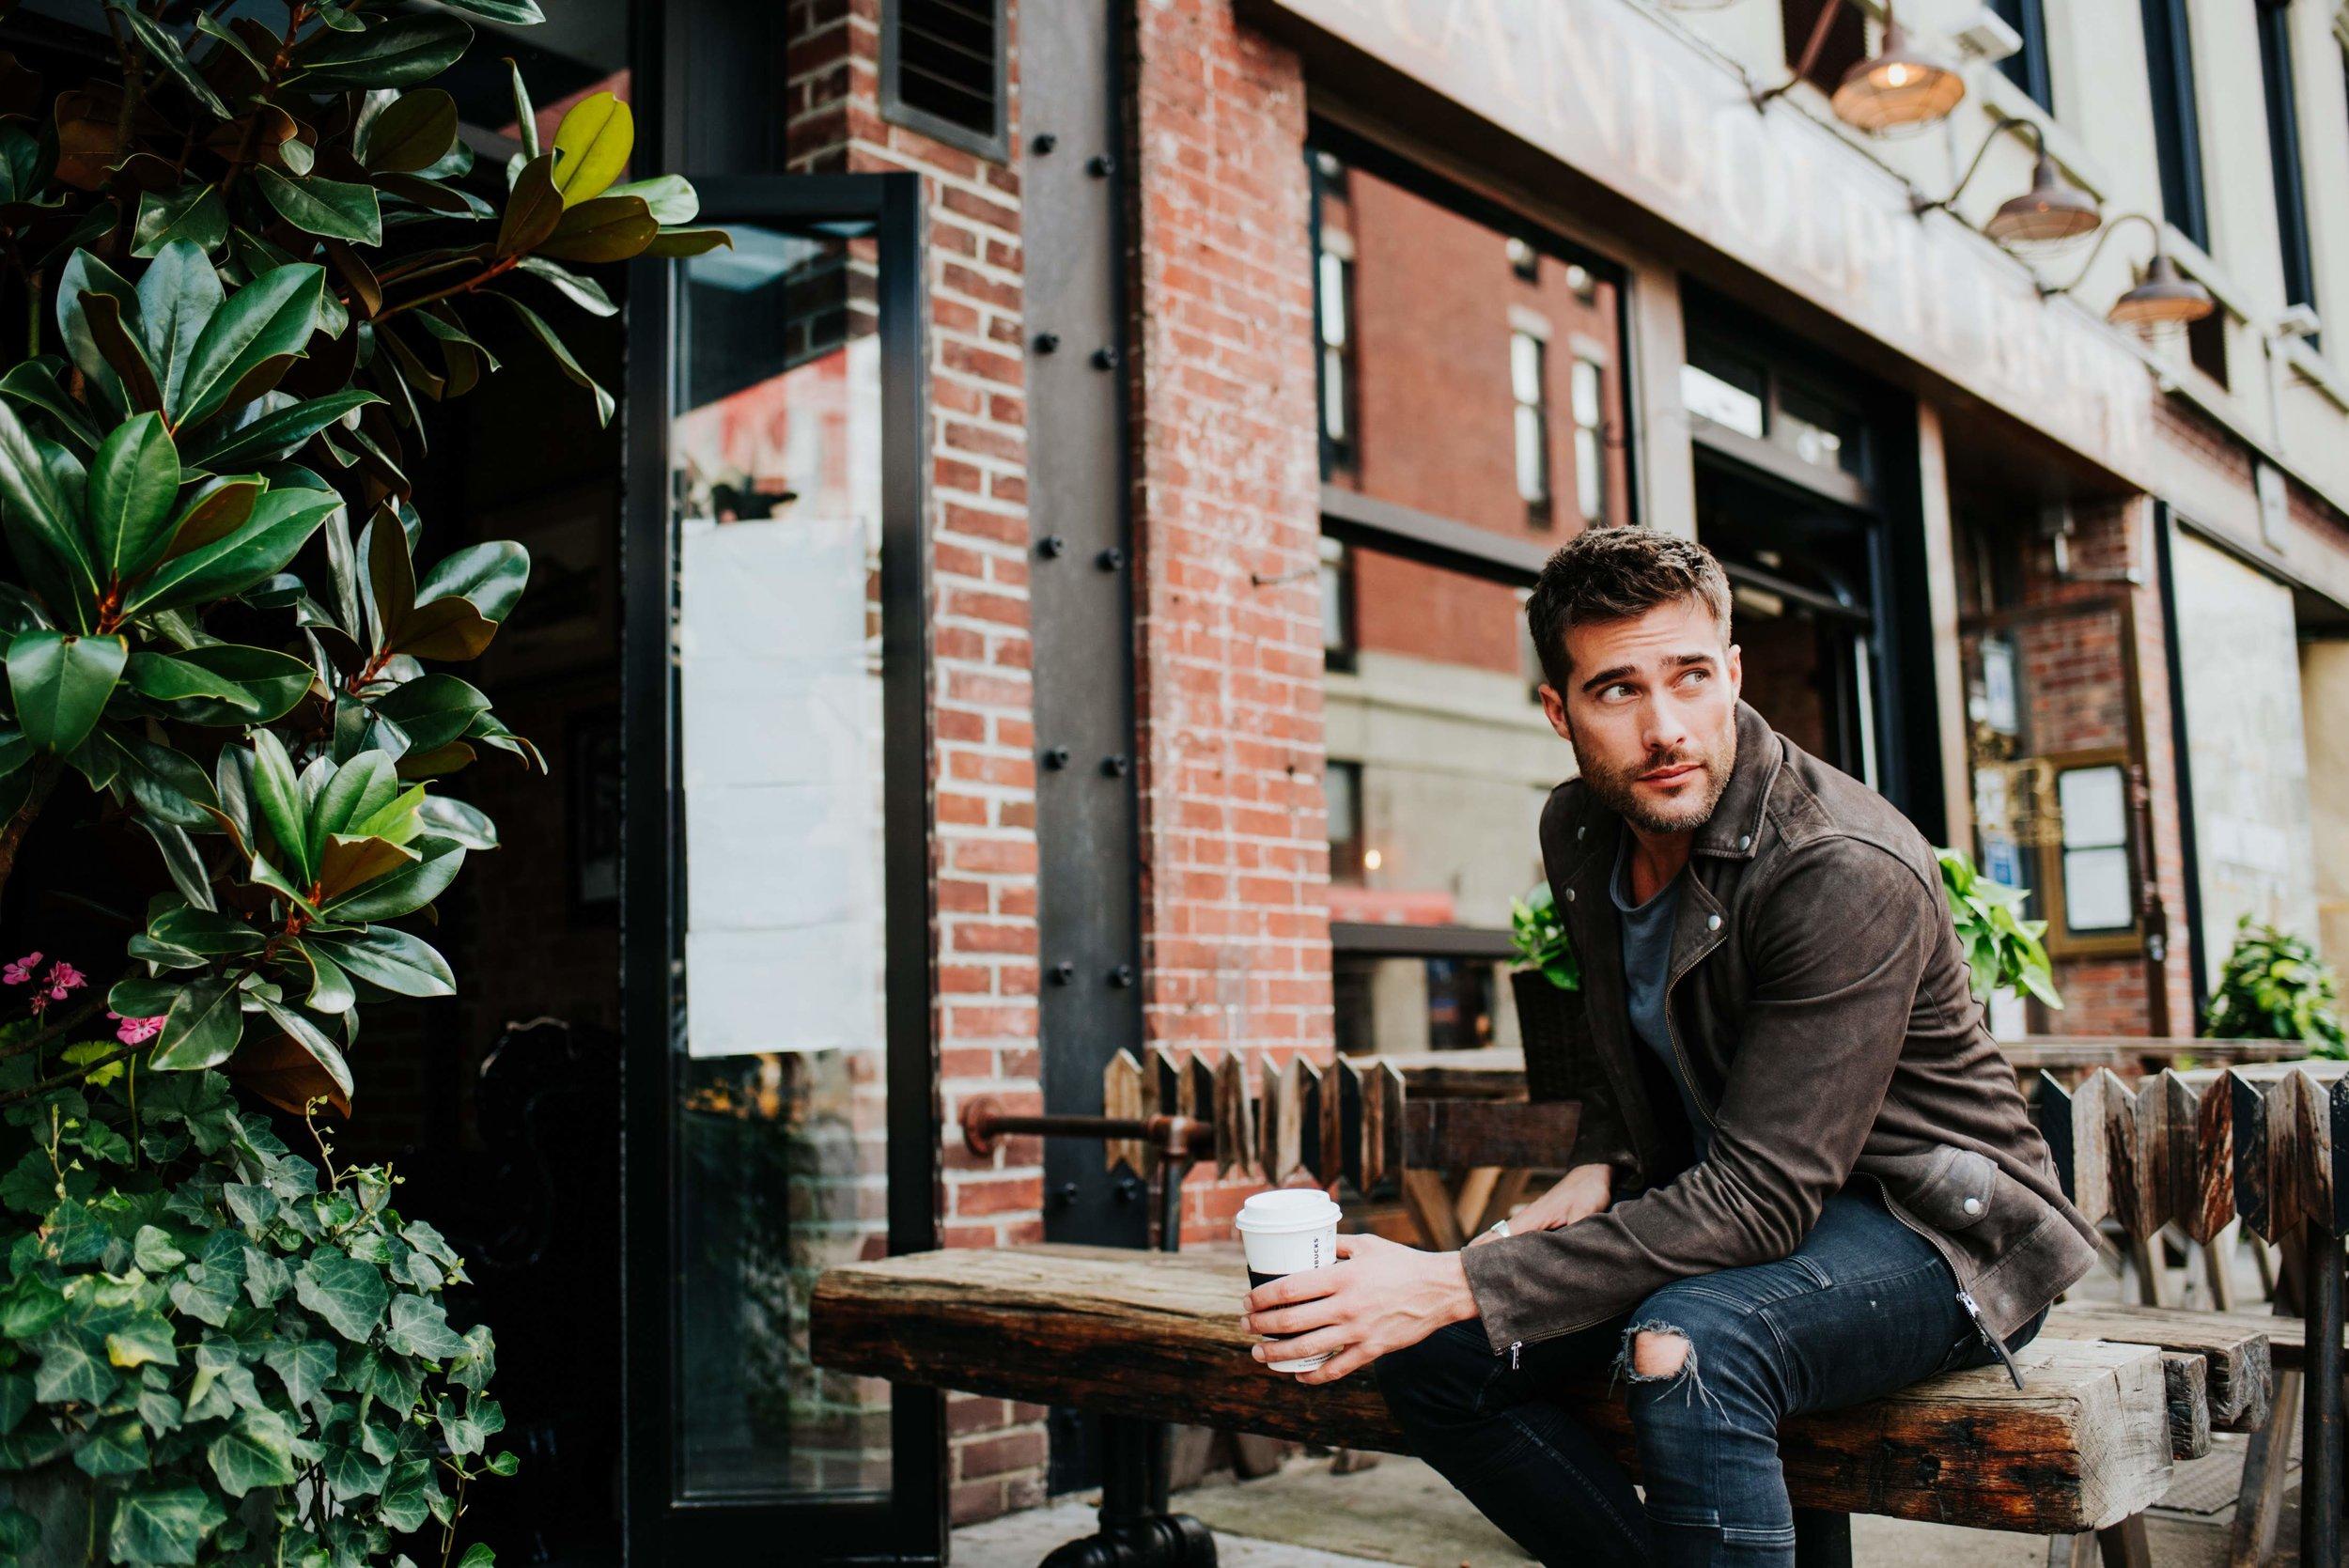 Rodrigo Guirao en NYC por Malvina Battiston 019.jpg